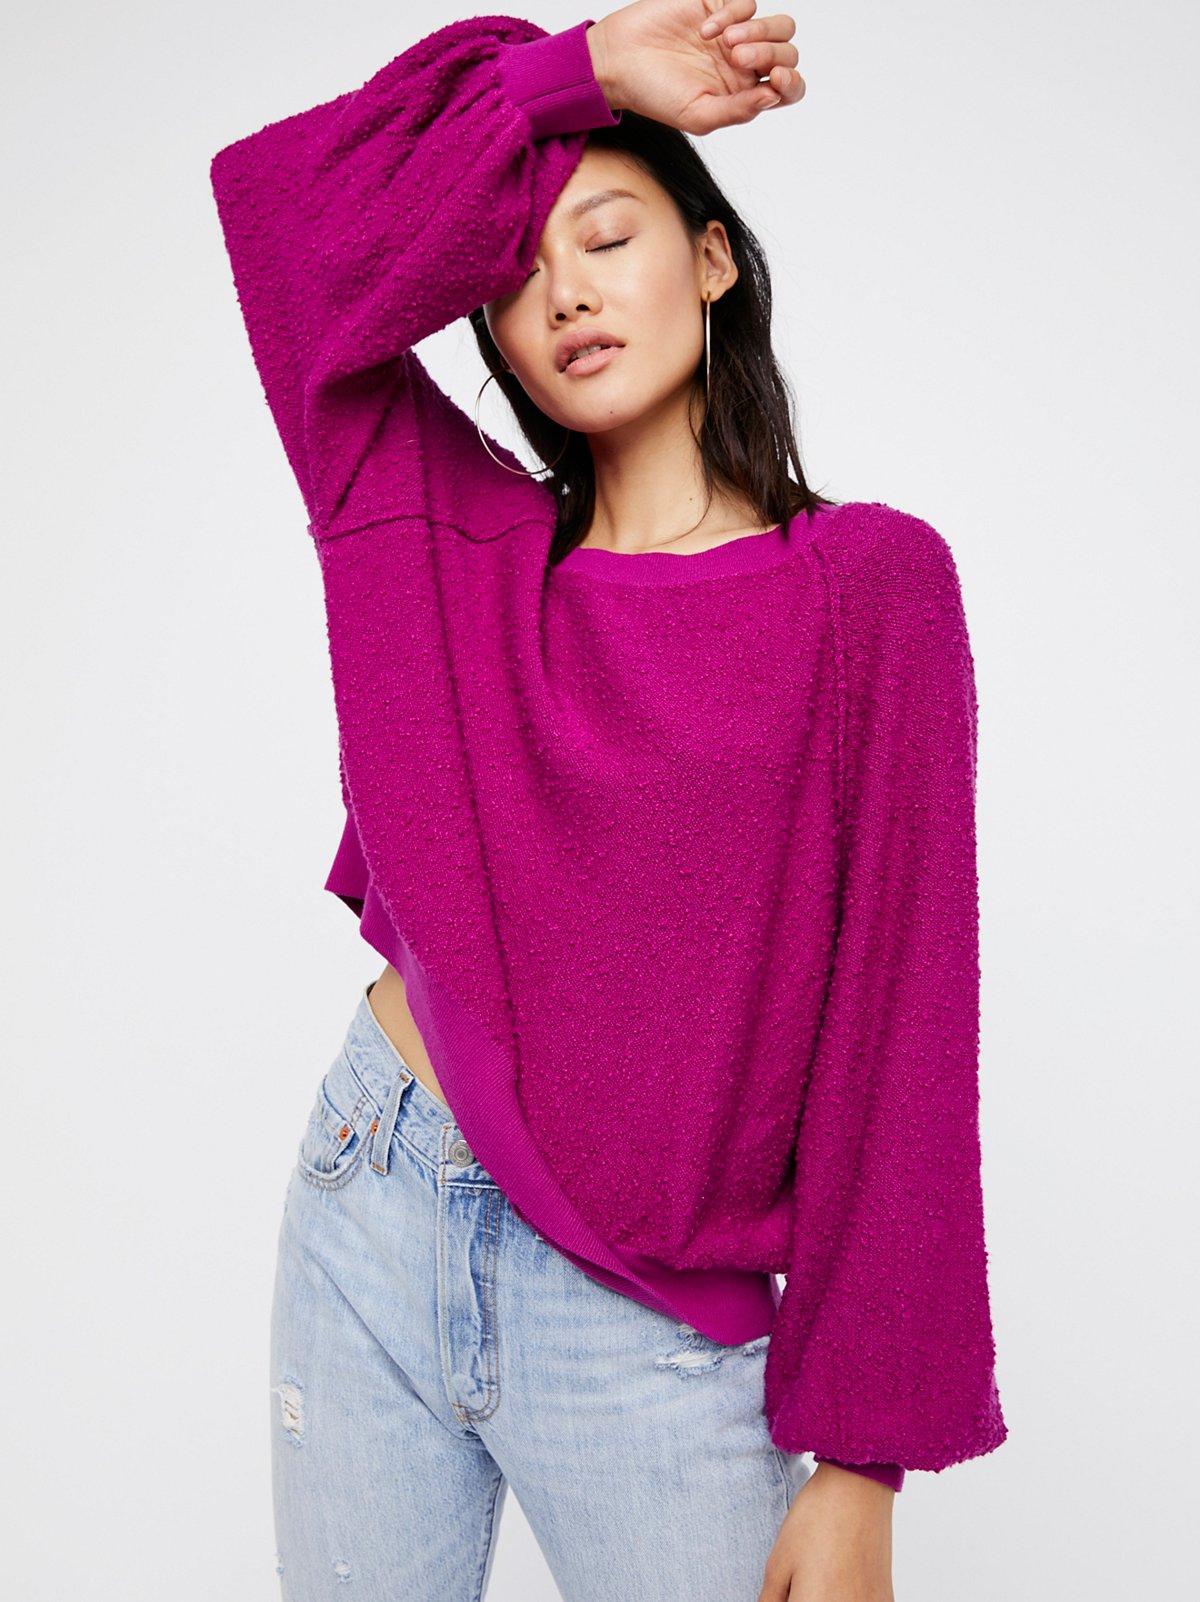 Found My Friend Sweatshirt